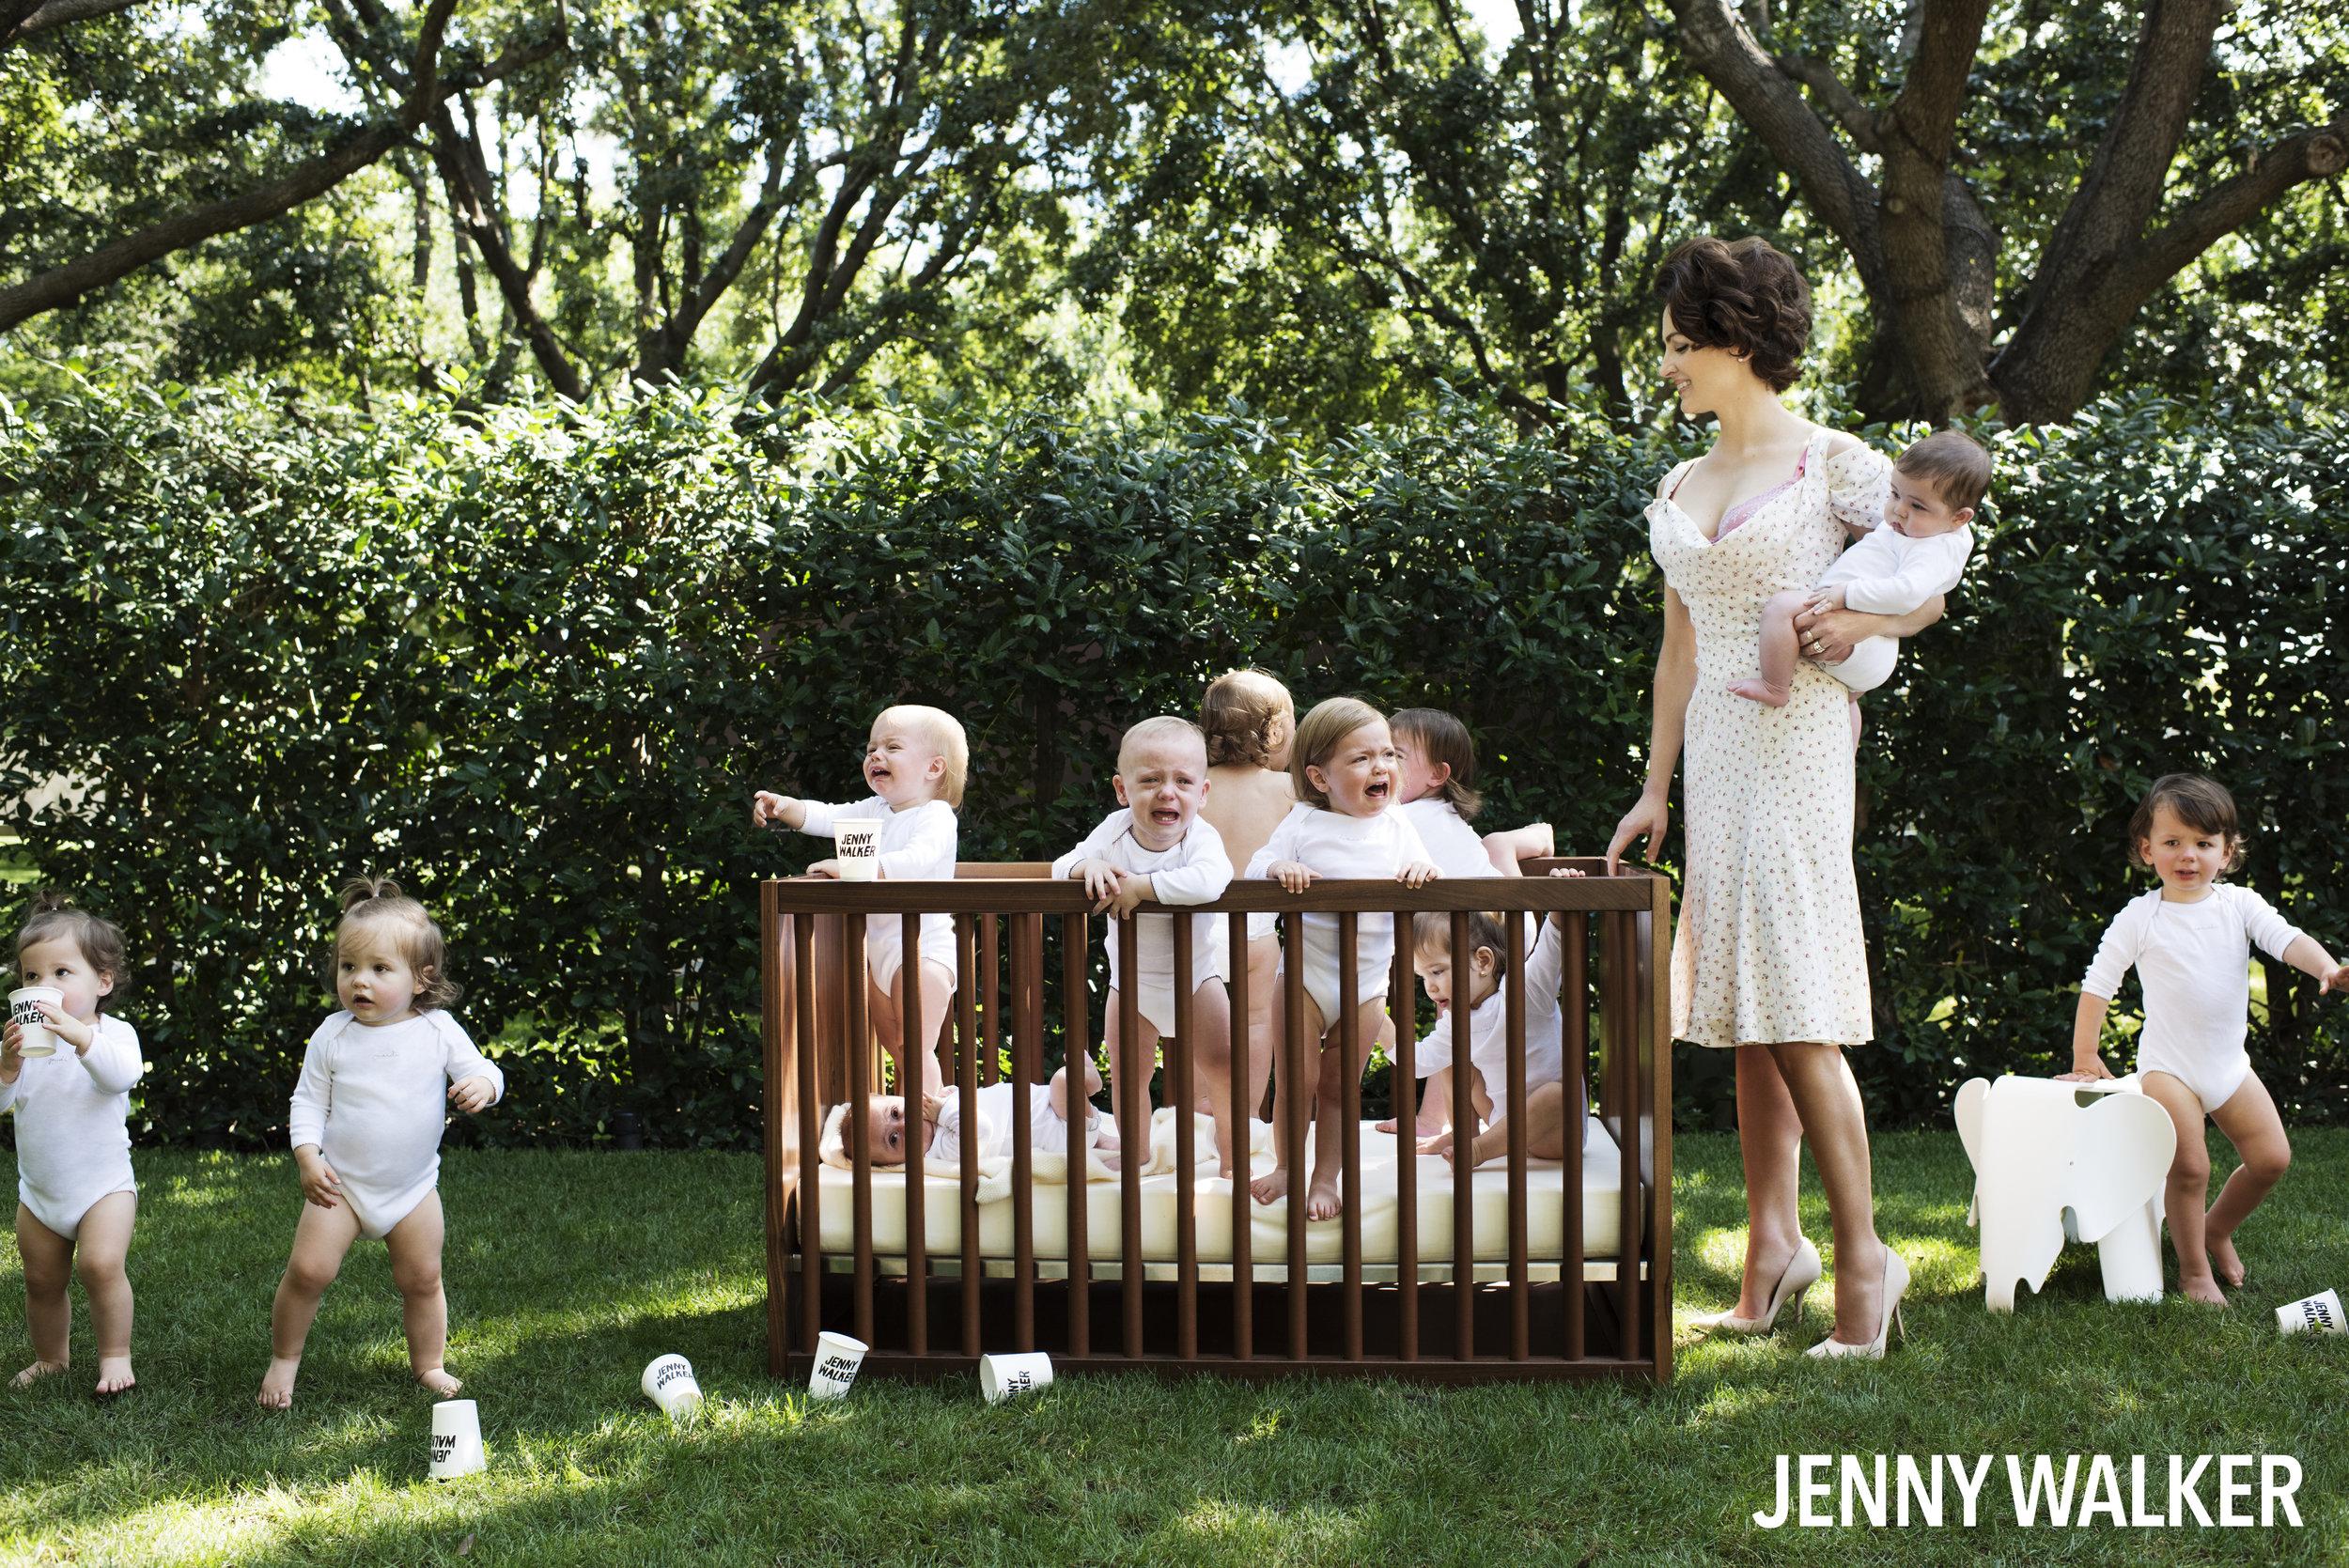 JenneyWalkerLOGO.jpg